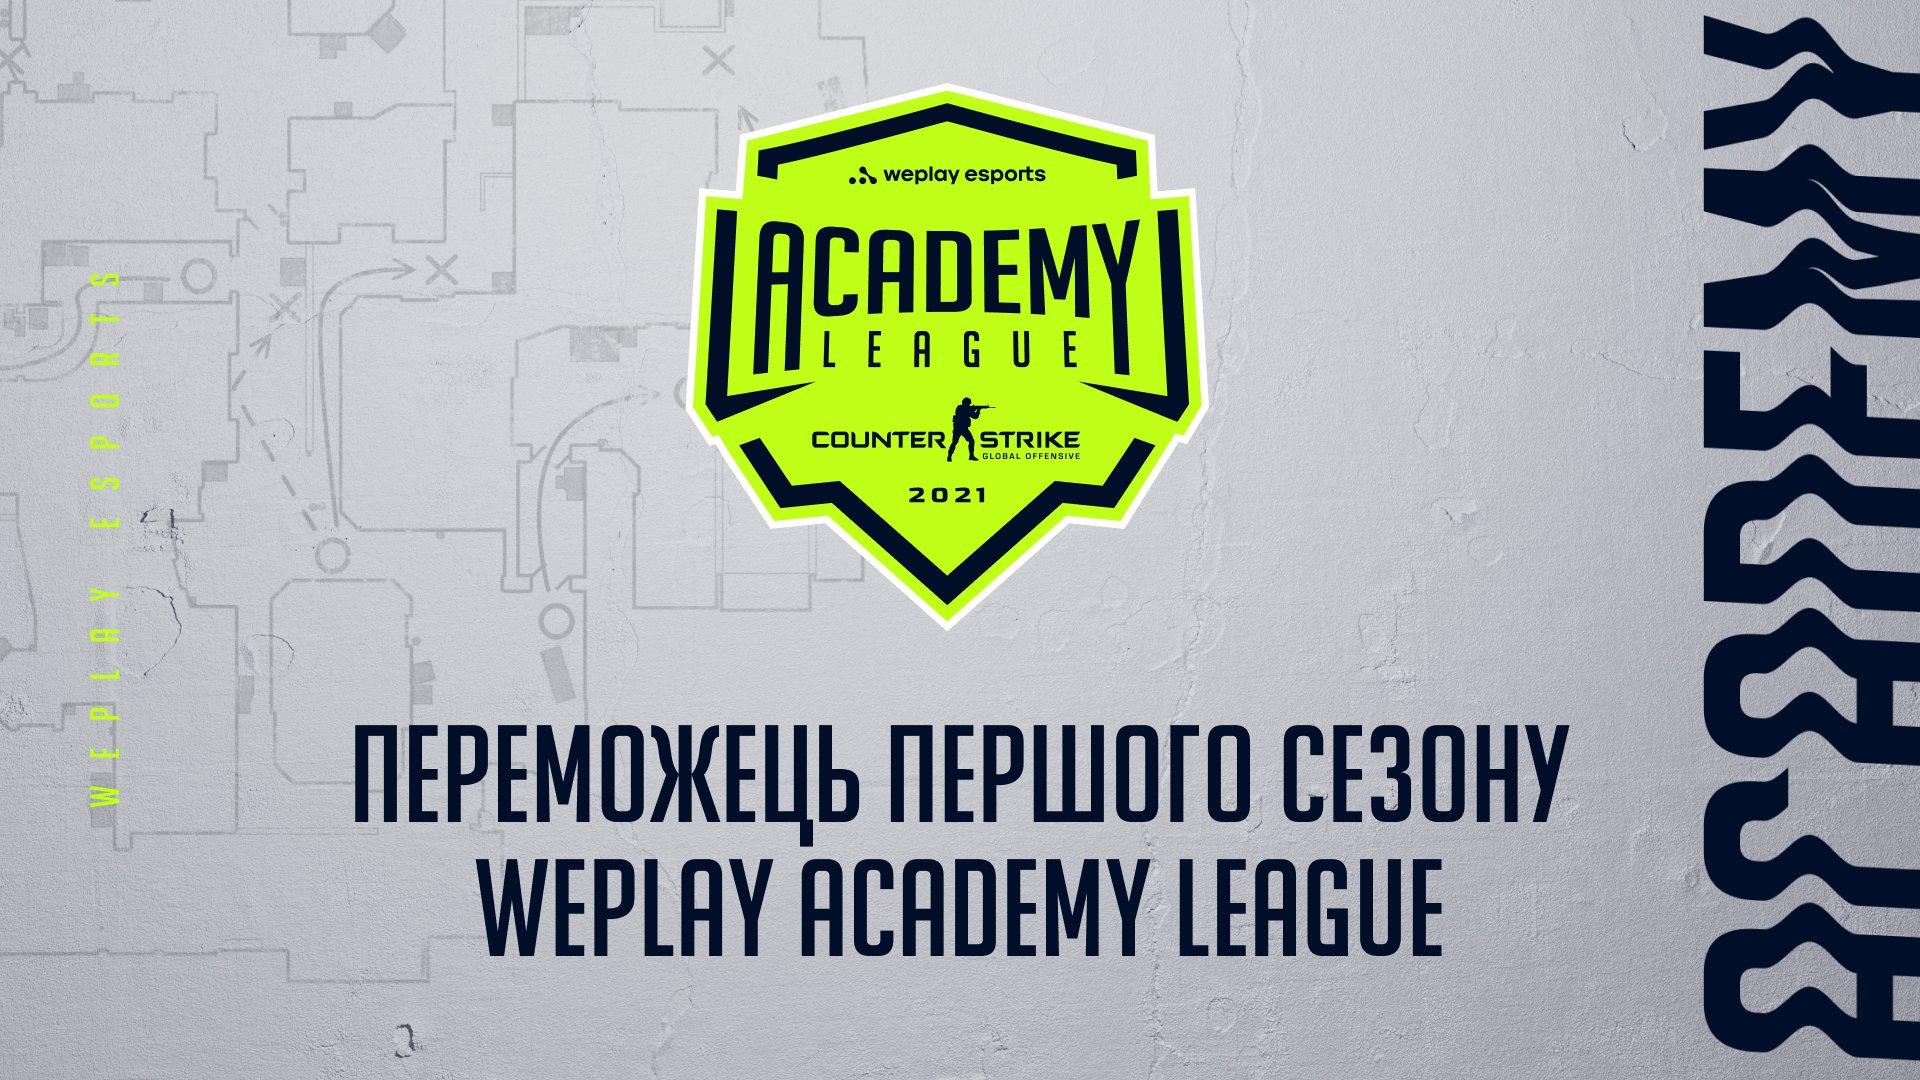 Переможці першого сезону  WePlay Academy League. Зображення: WePlay Holding